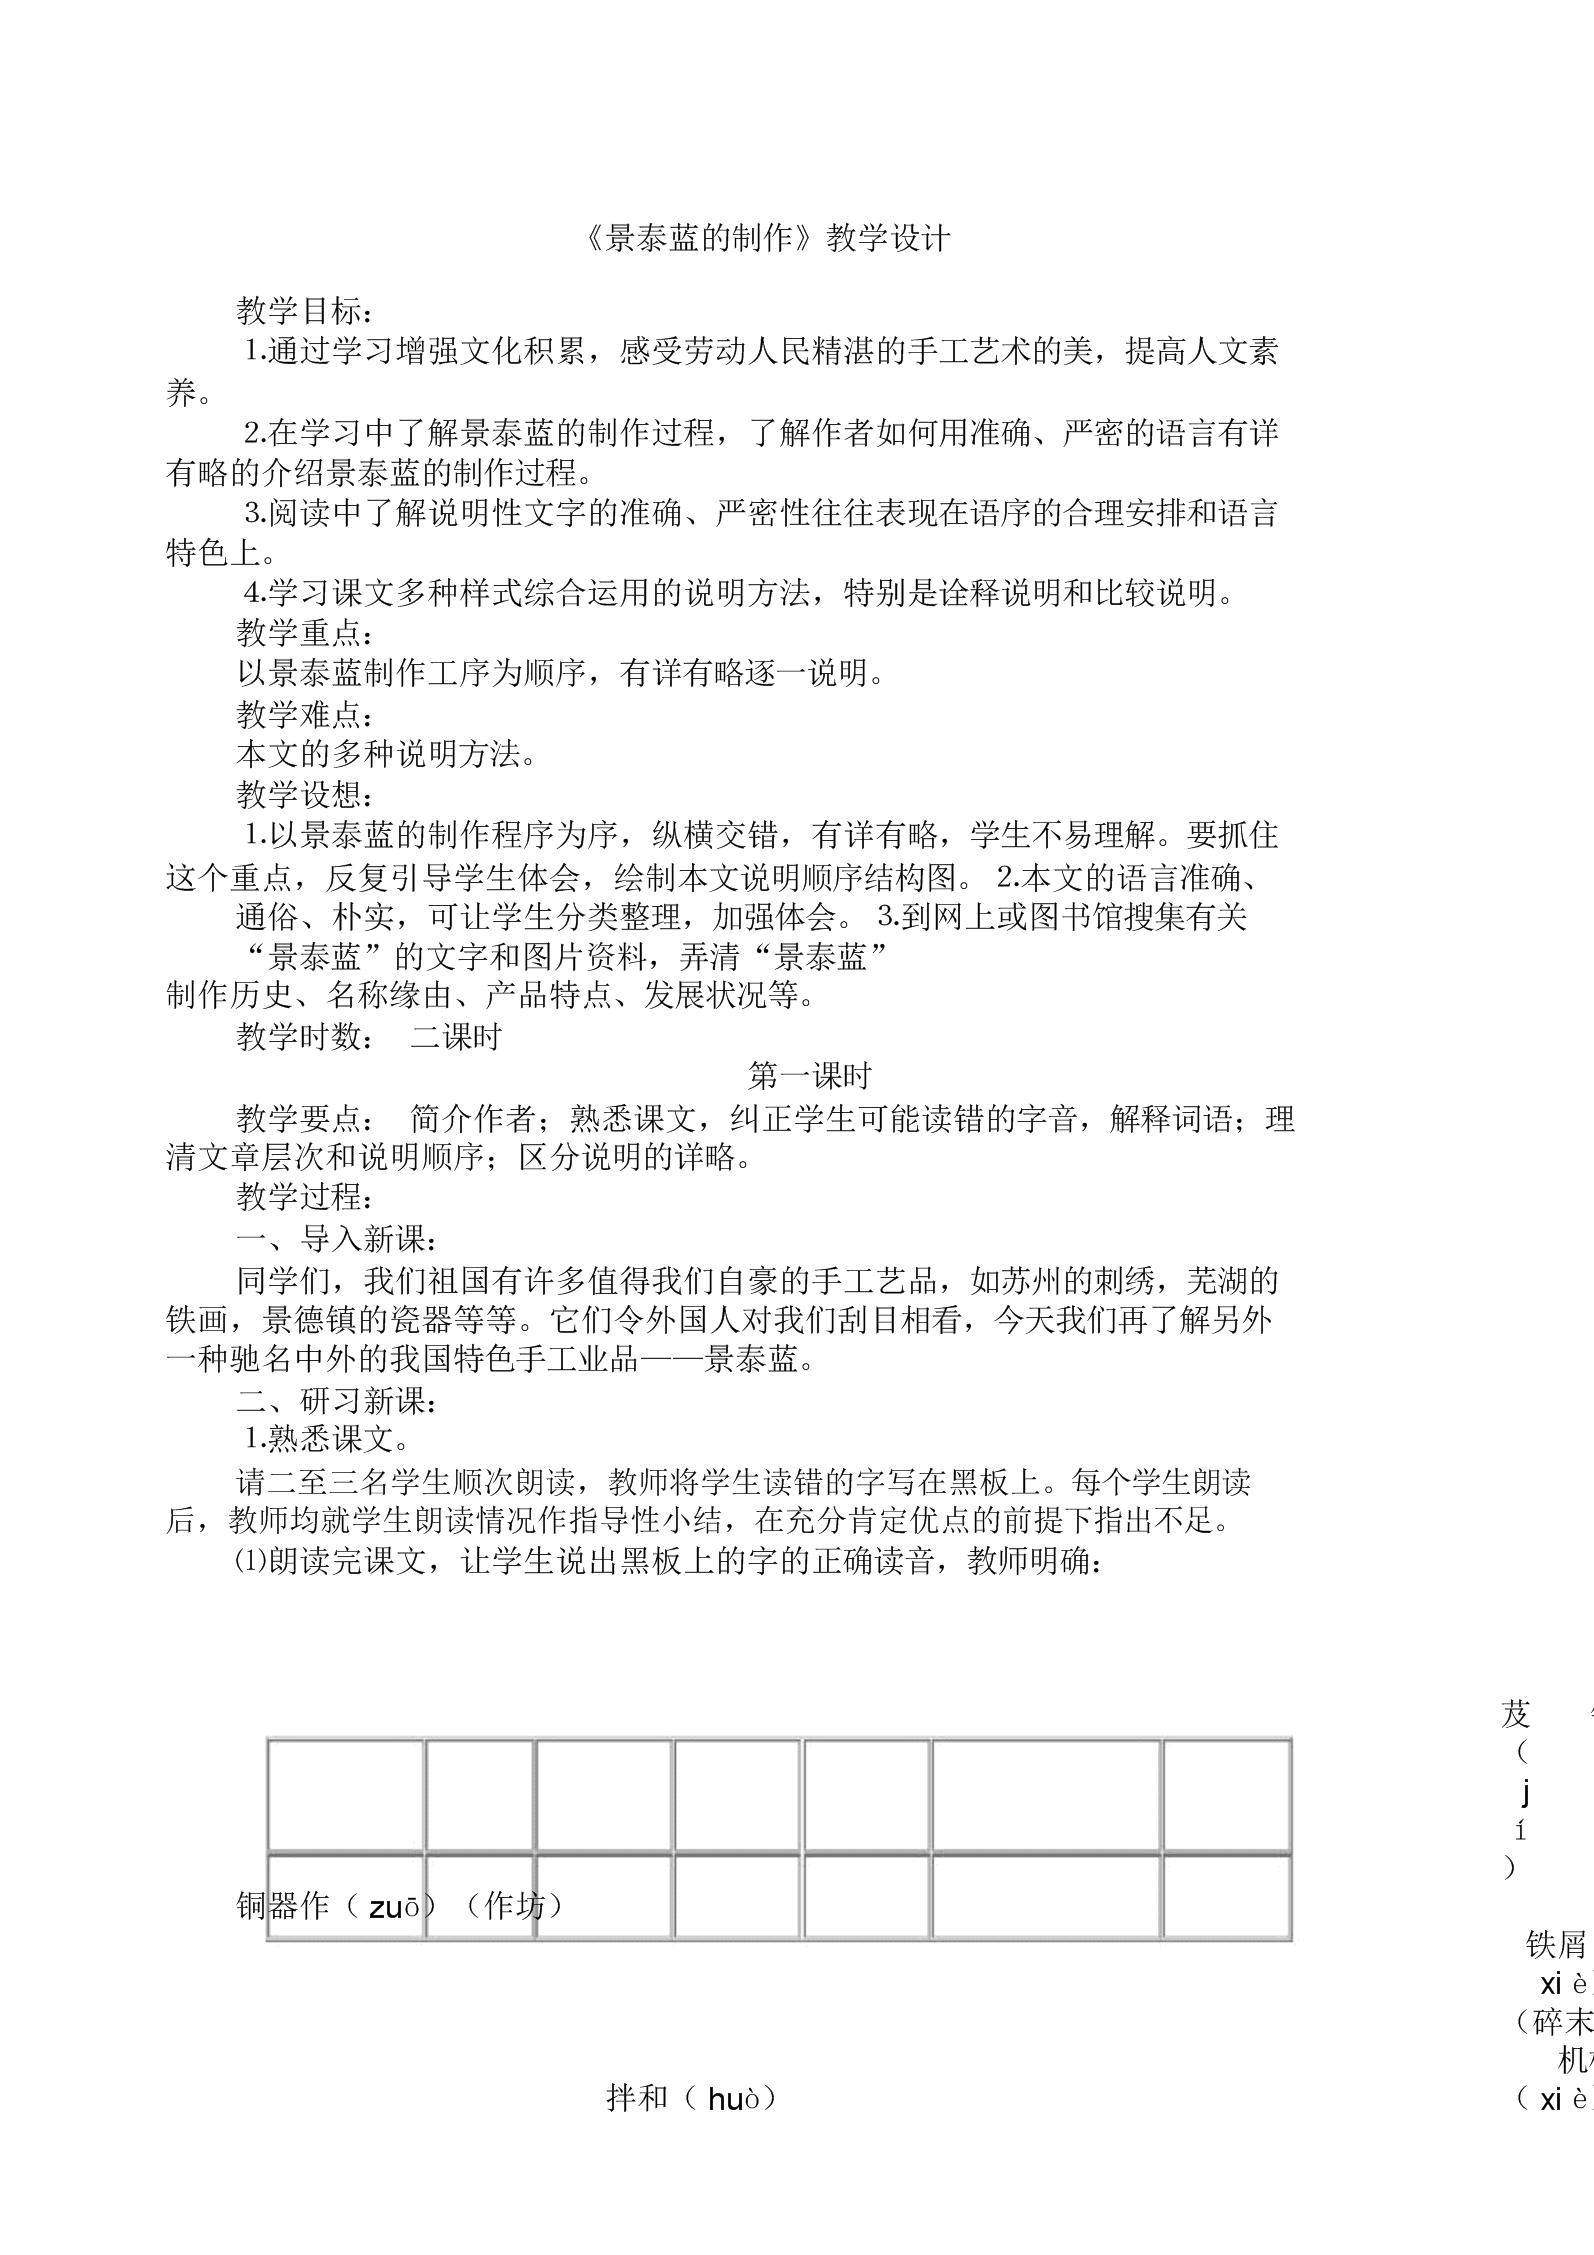 景泰蓝的制作公开课教案课程).docx